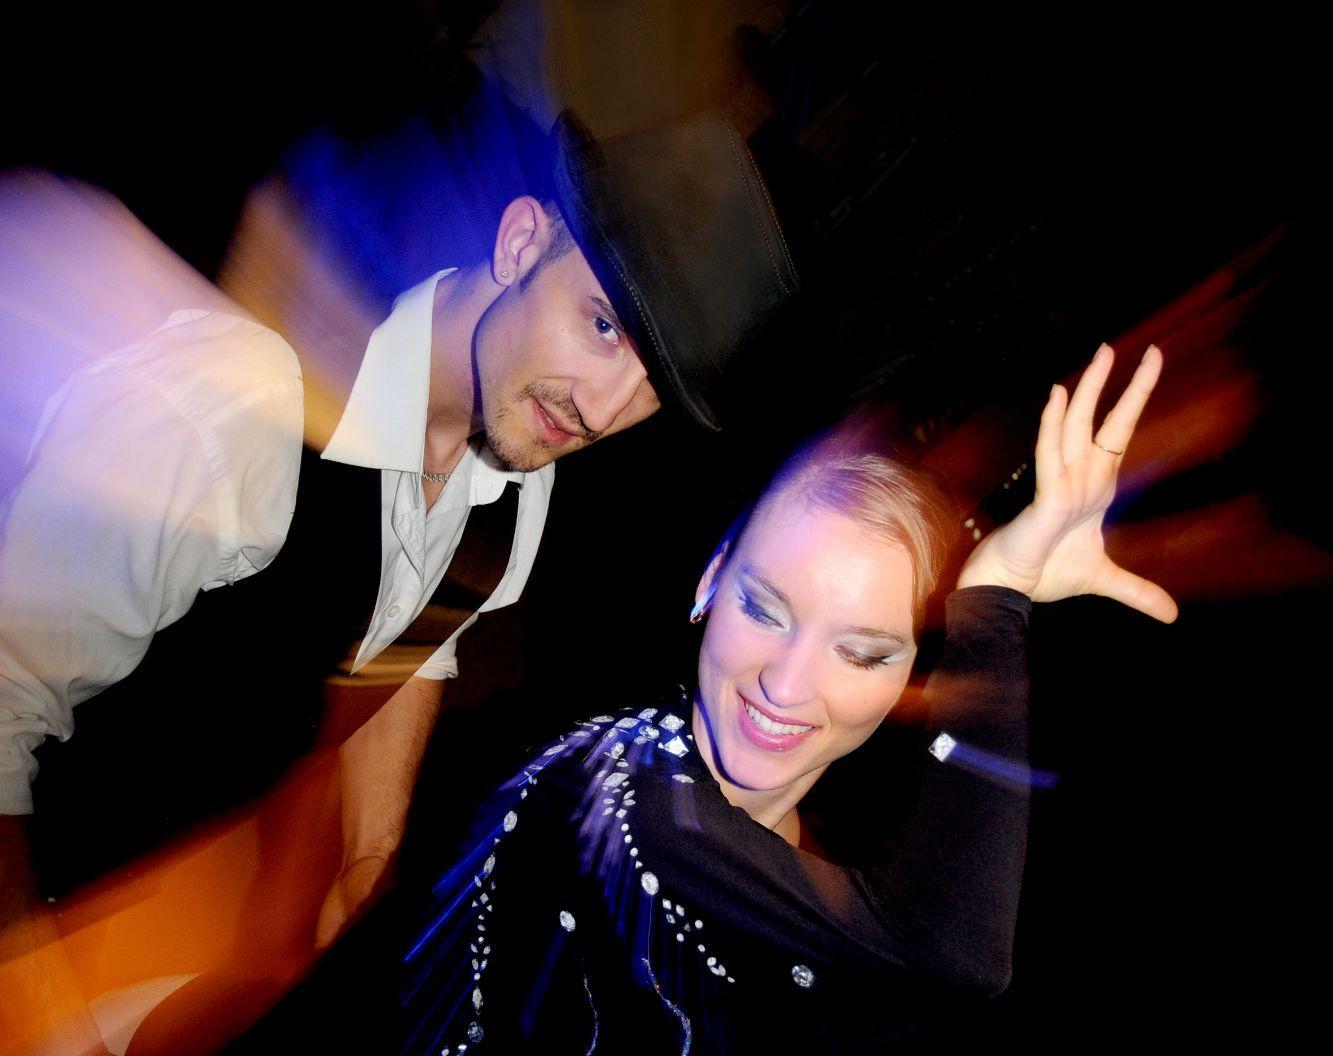 Salsa tanzen flirten